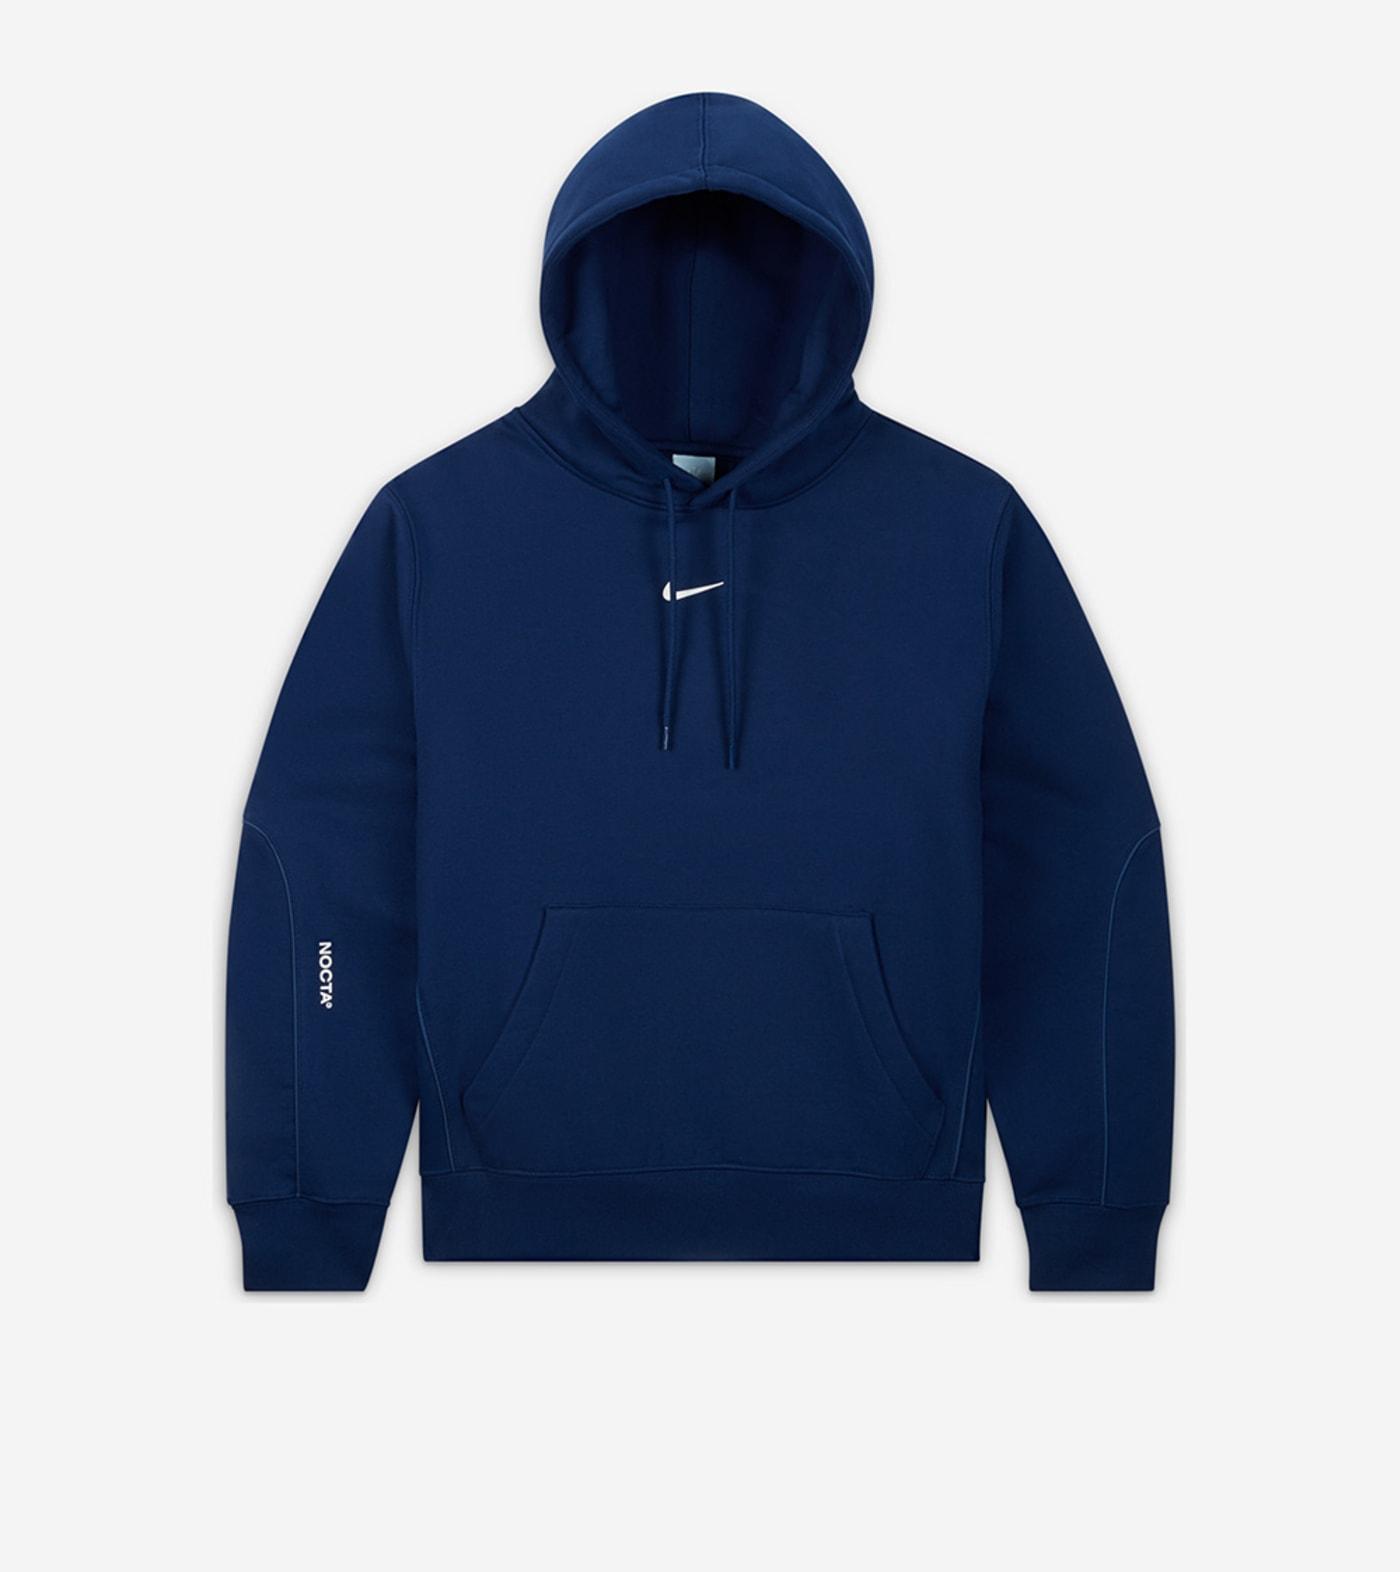 nike-hoodie-1